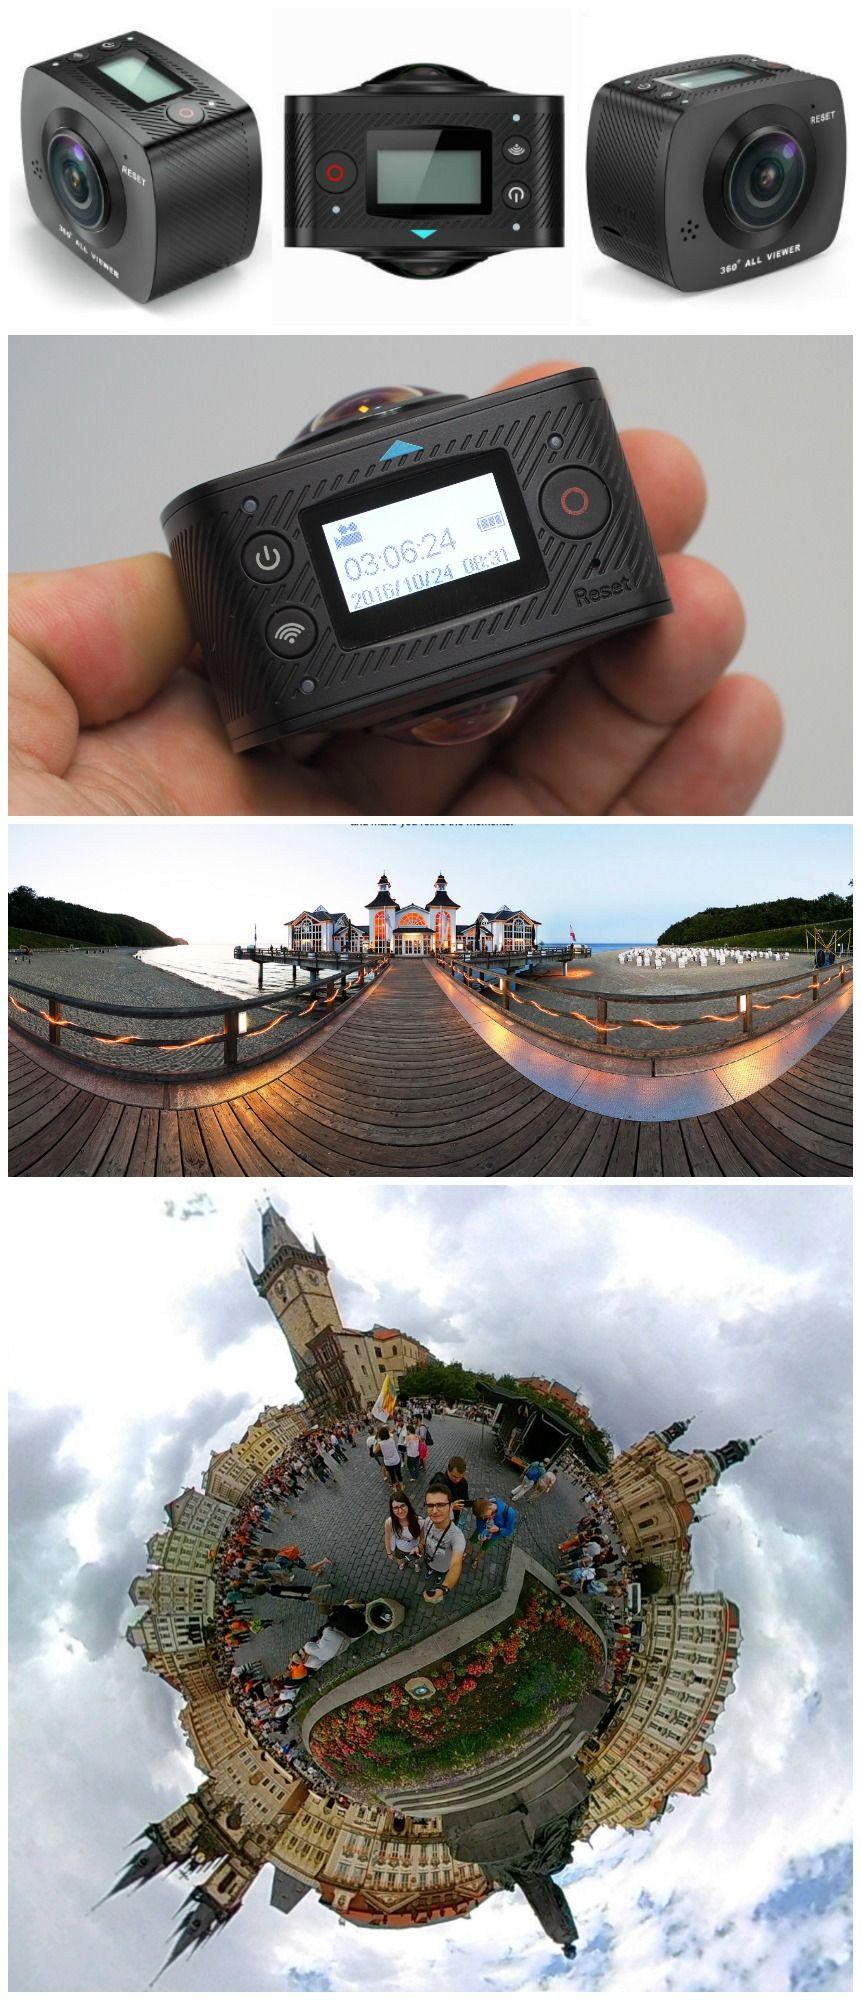 Elephone Elecam 360 WiFi Action Camera Dual Lens - $154 84 Free